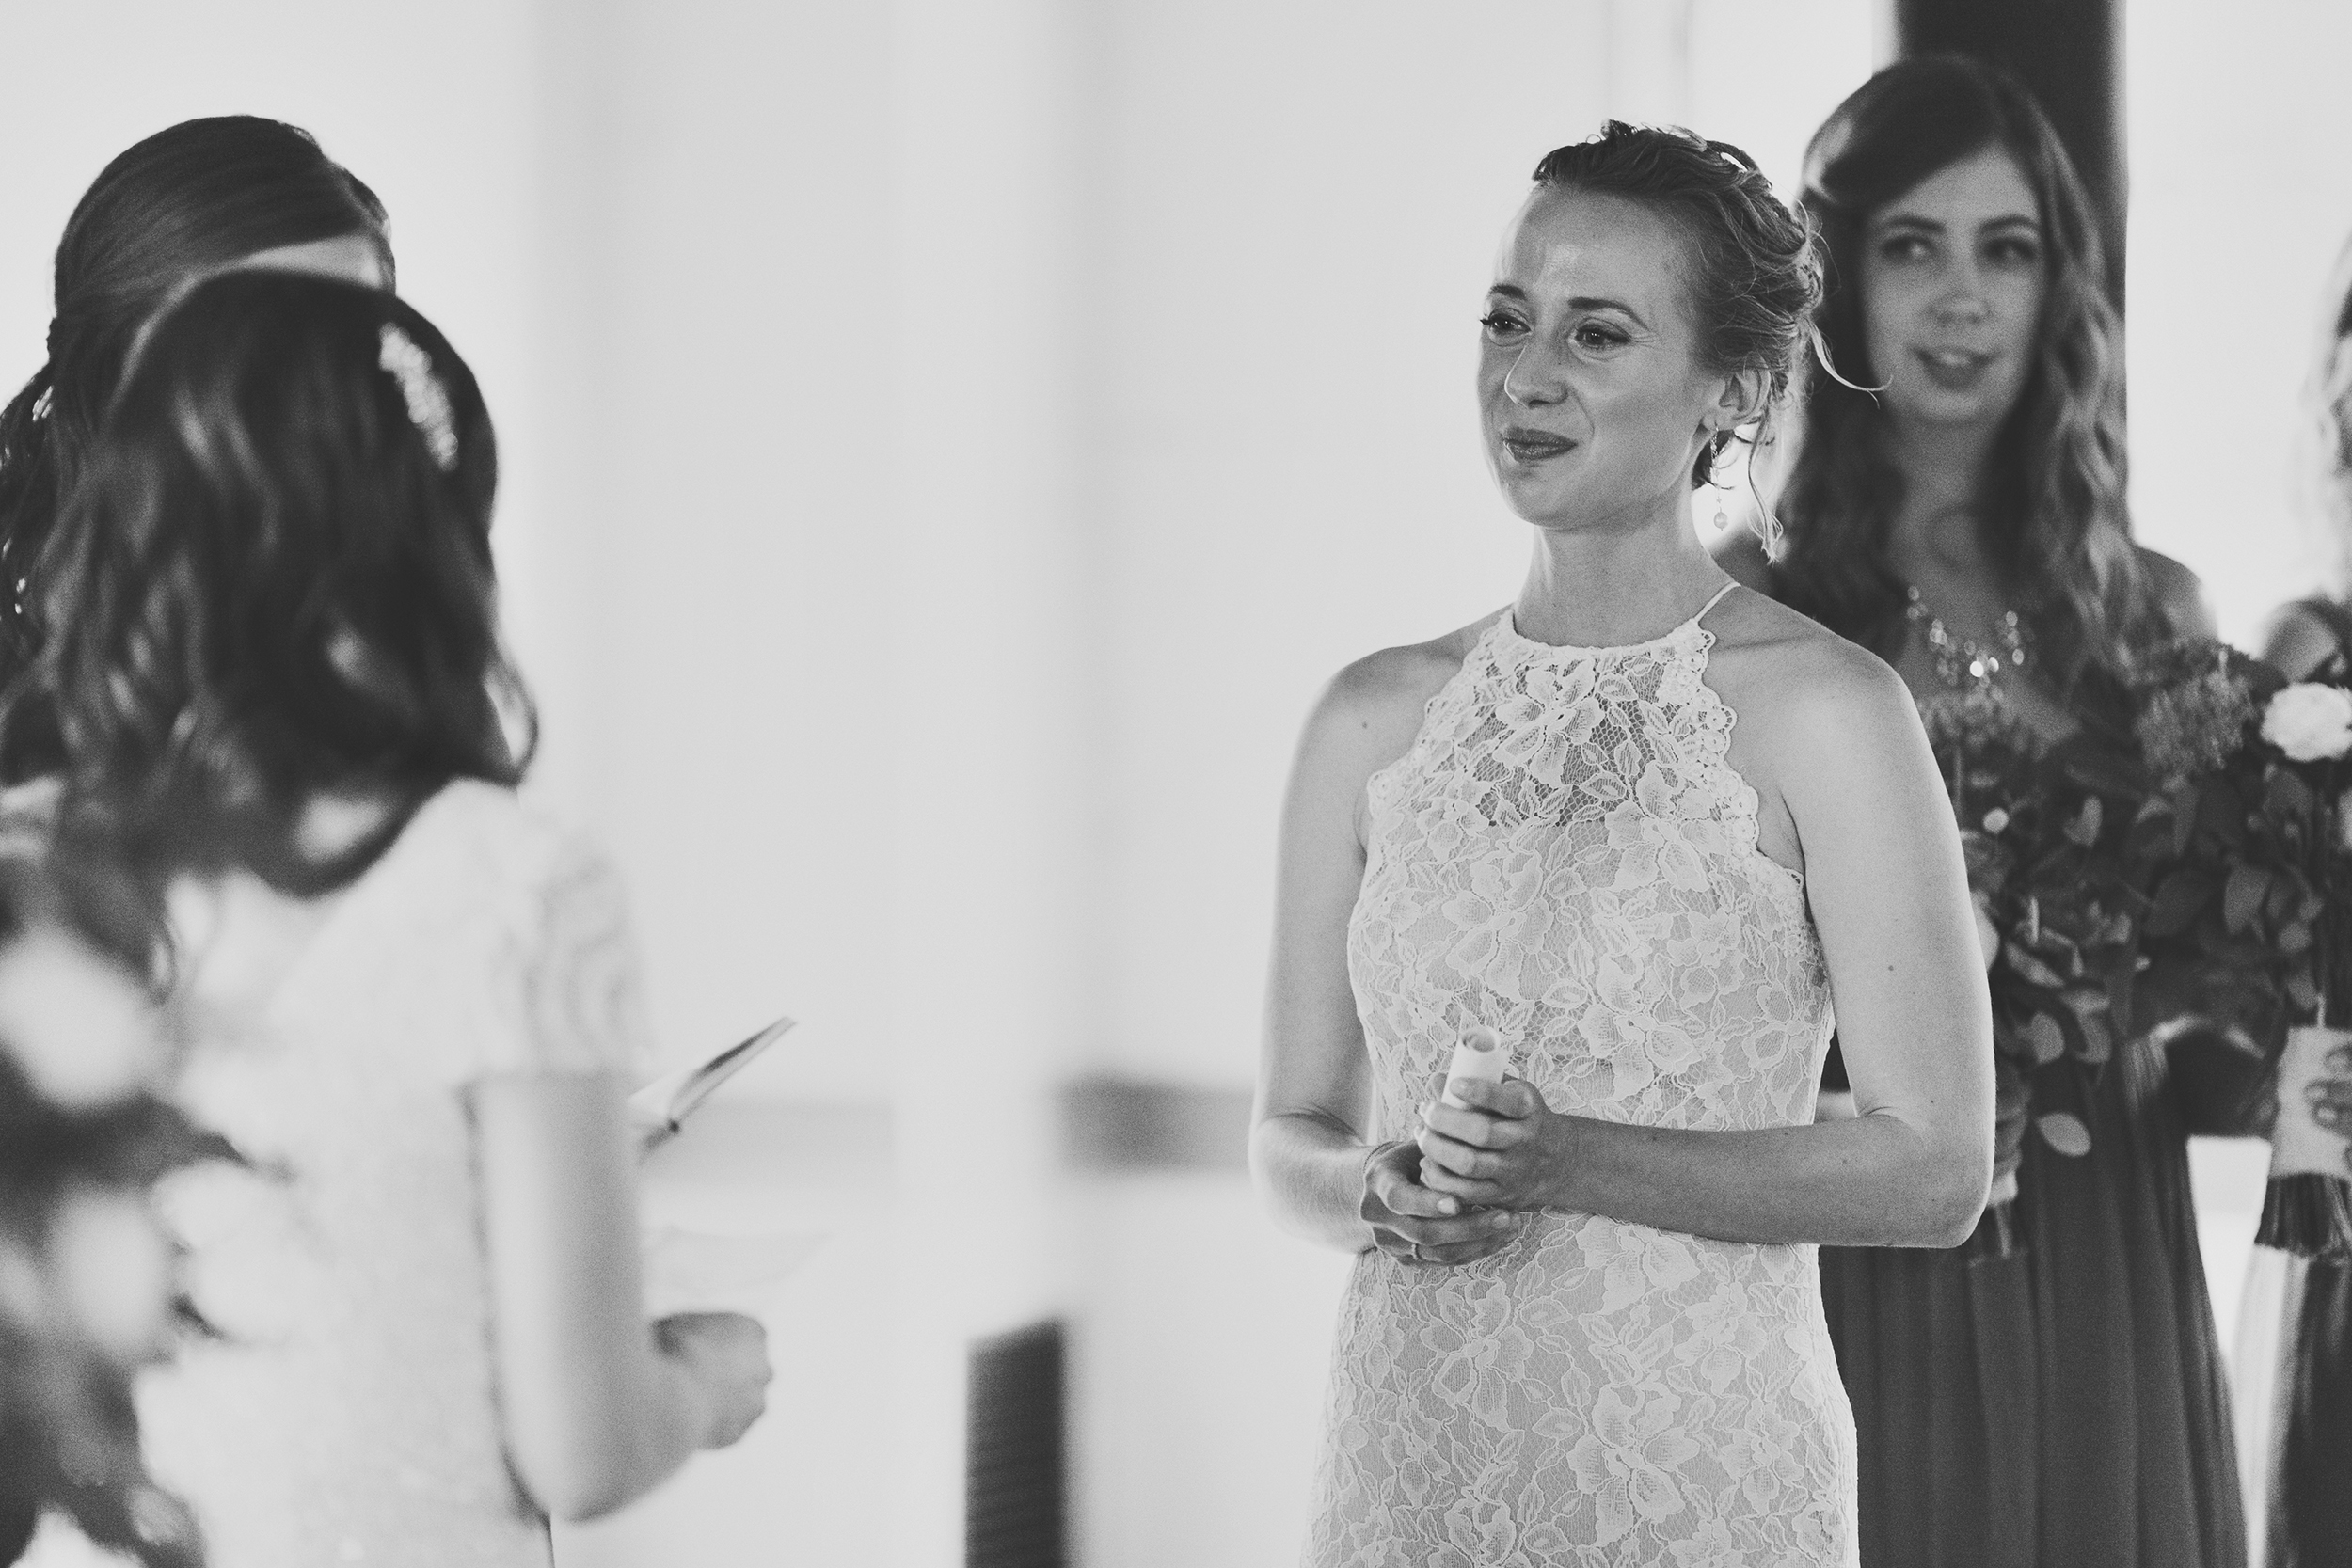 headlandscenterwedding_084.JPG